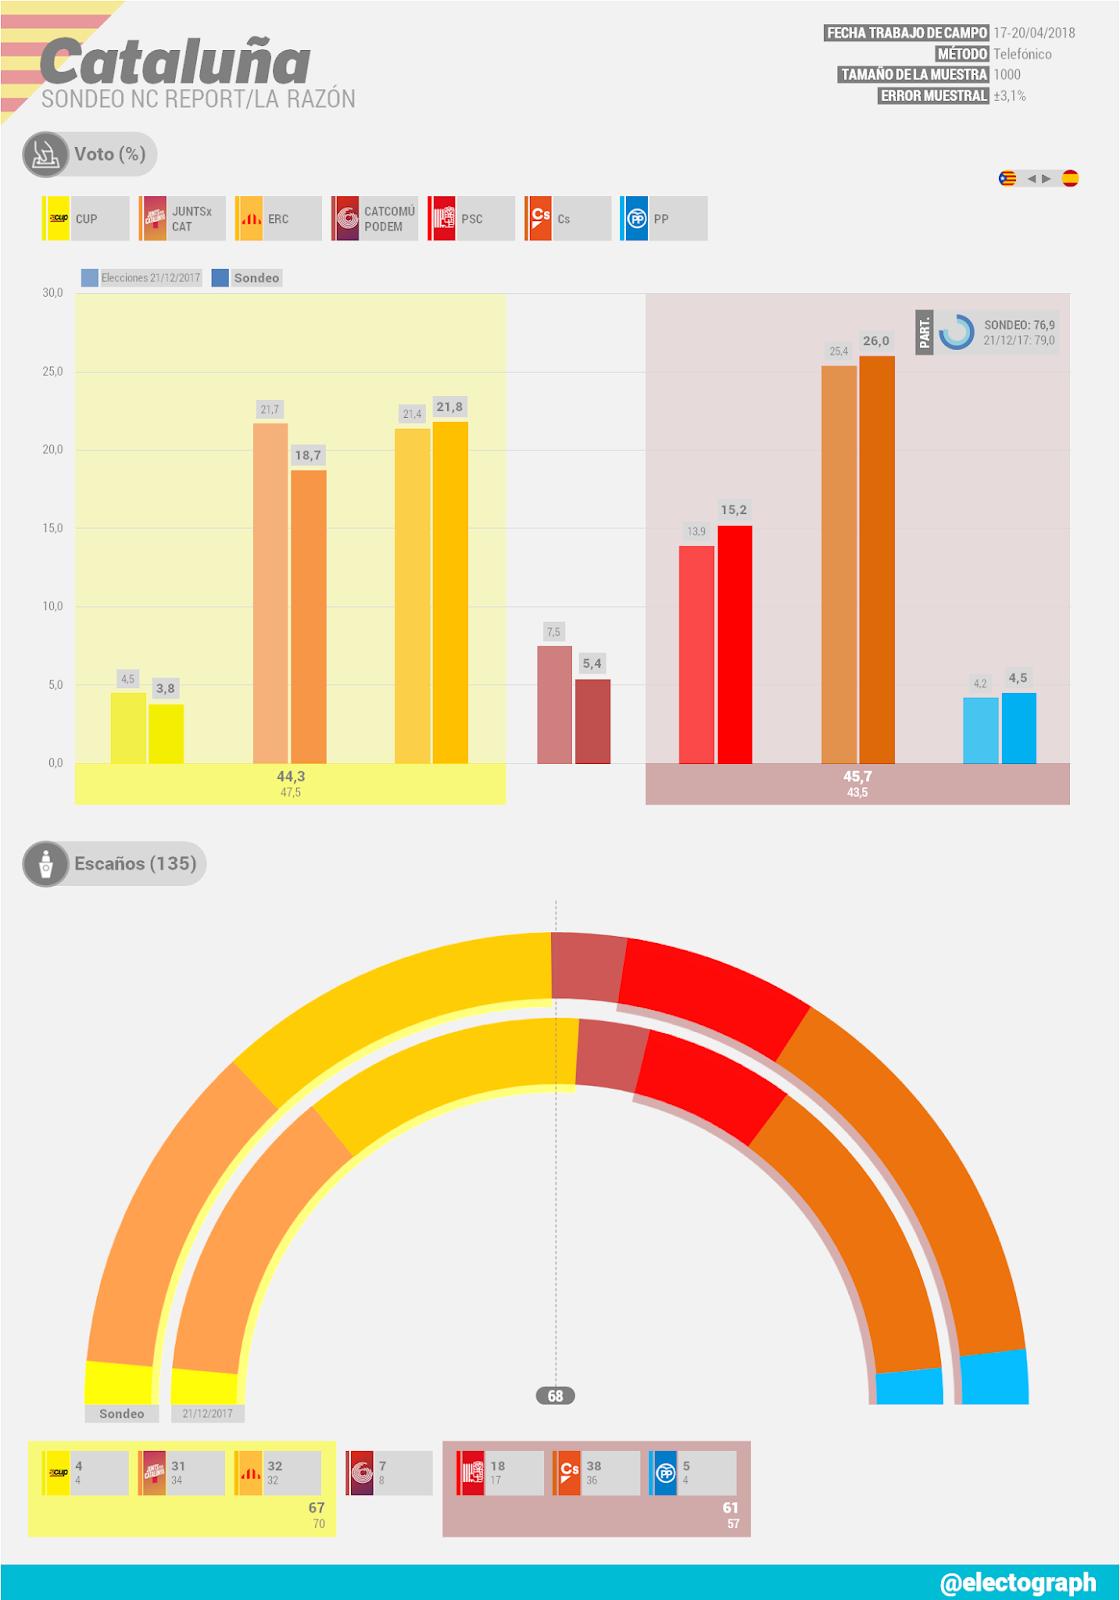 Gráfico de la encuesta para elecciones autonómicas en Cataluña realizada por NC Report para La Razon en abril de 2018